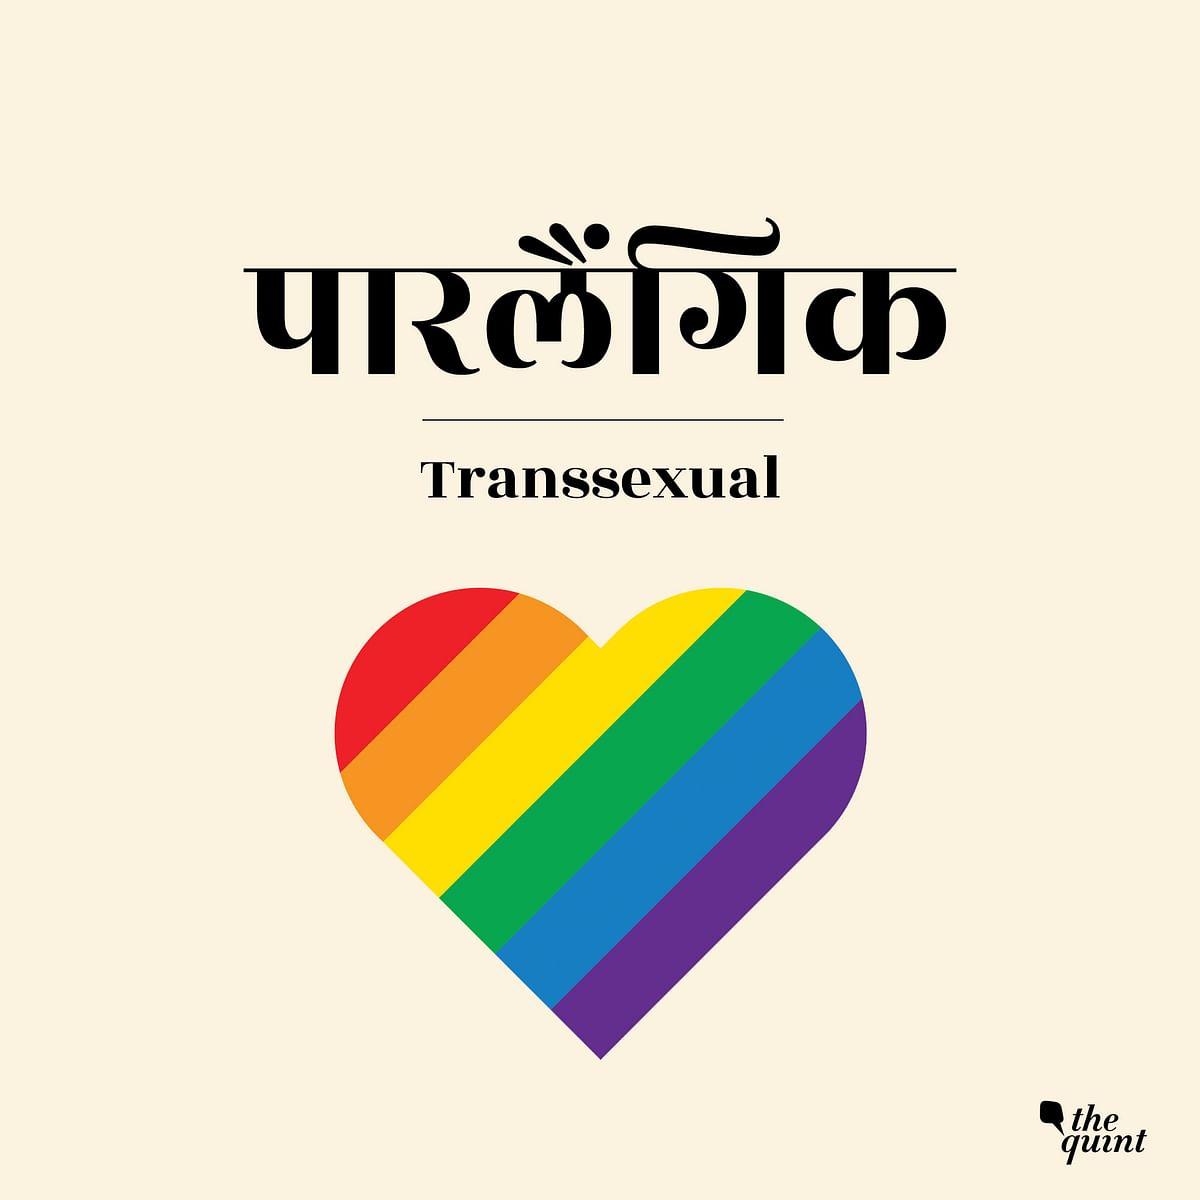 Parlaingic is Transexual